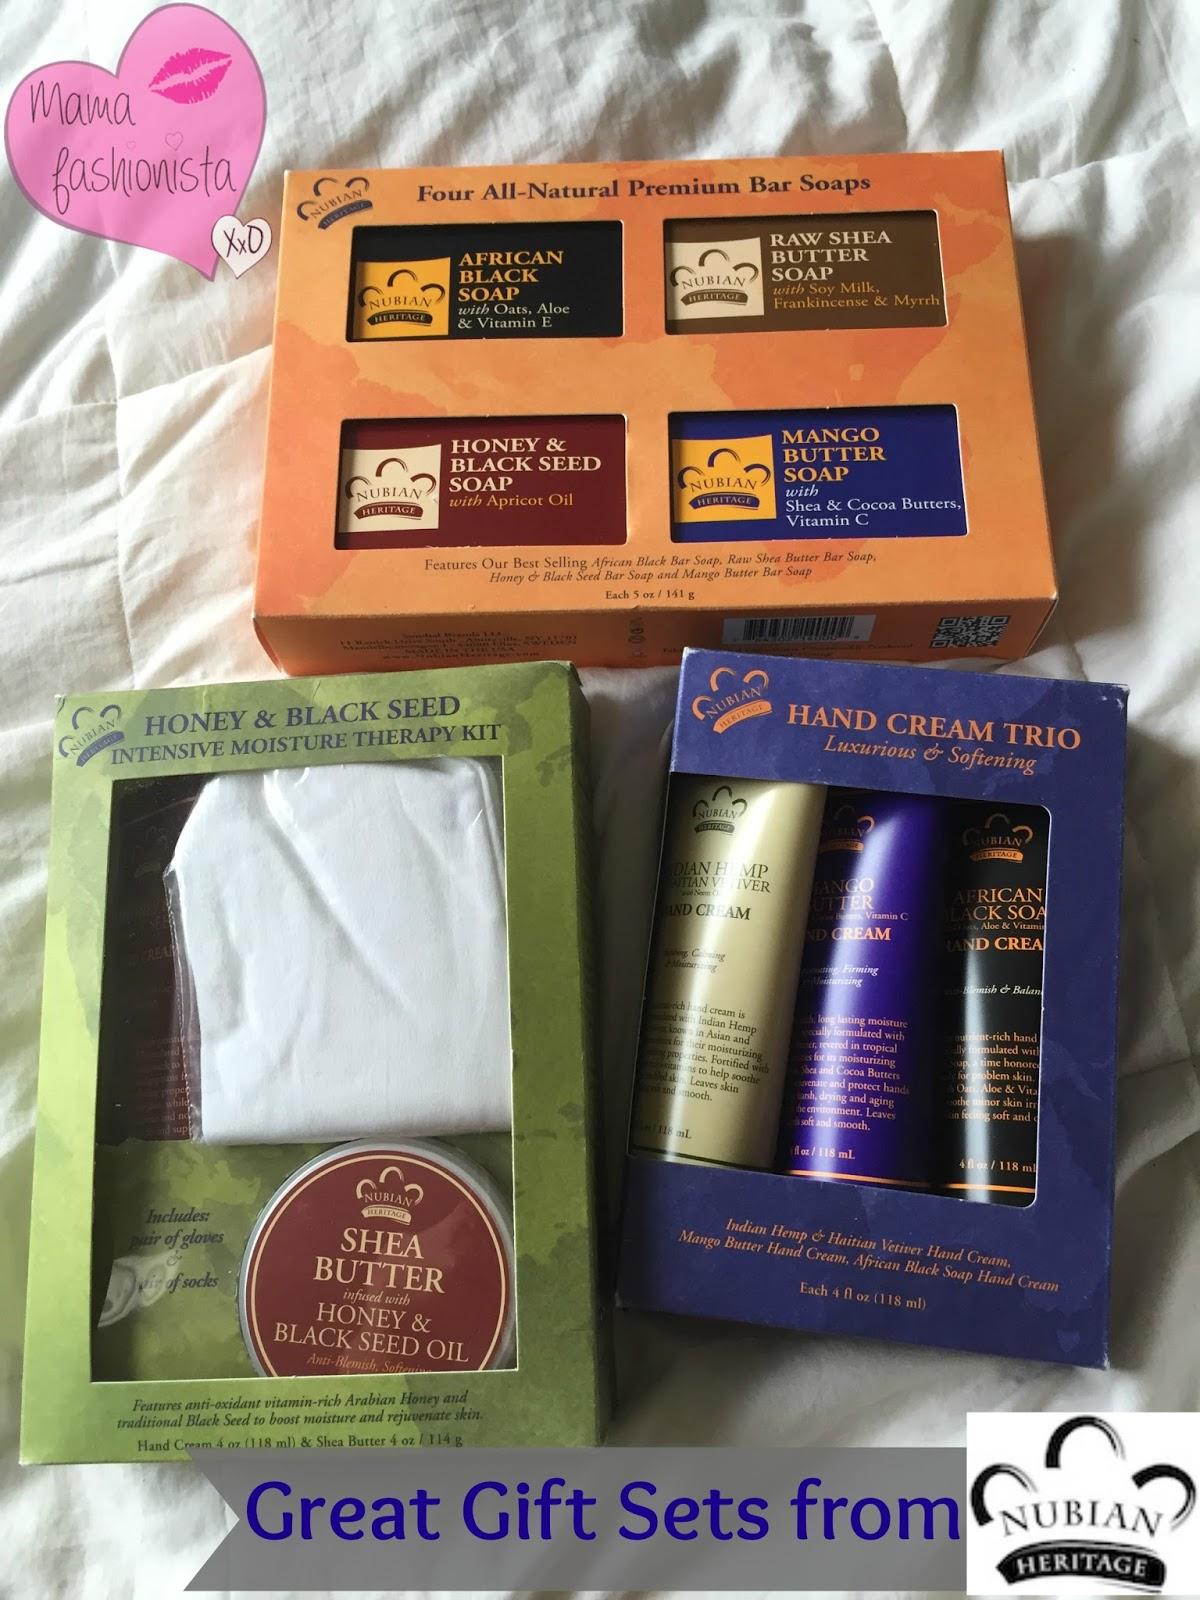 Shea moisture gift set